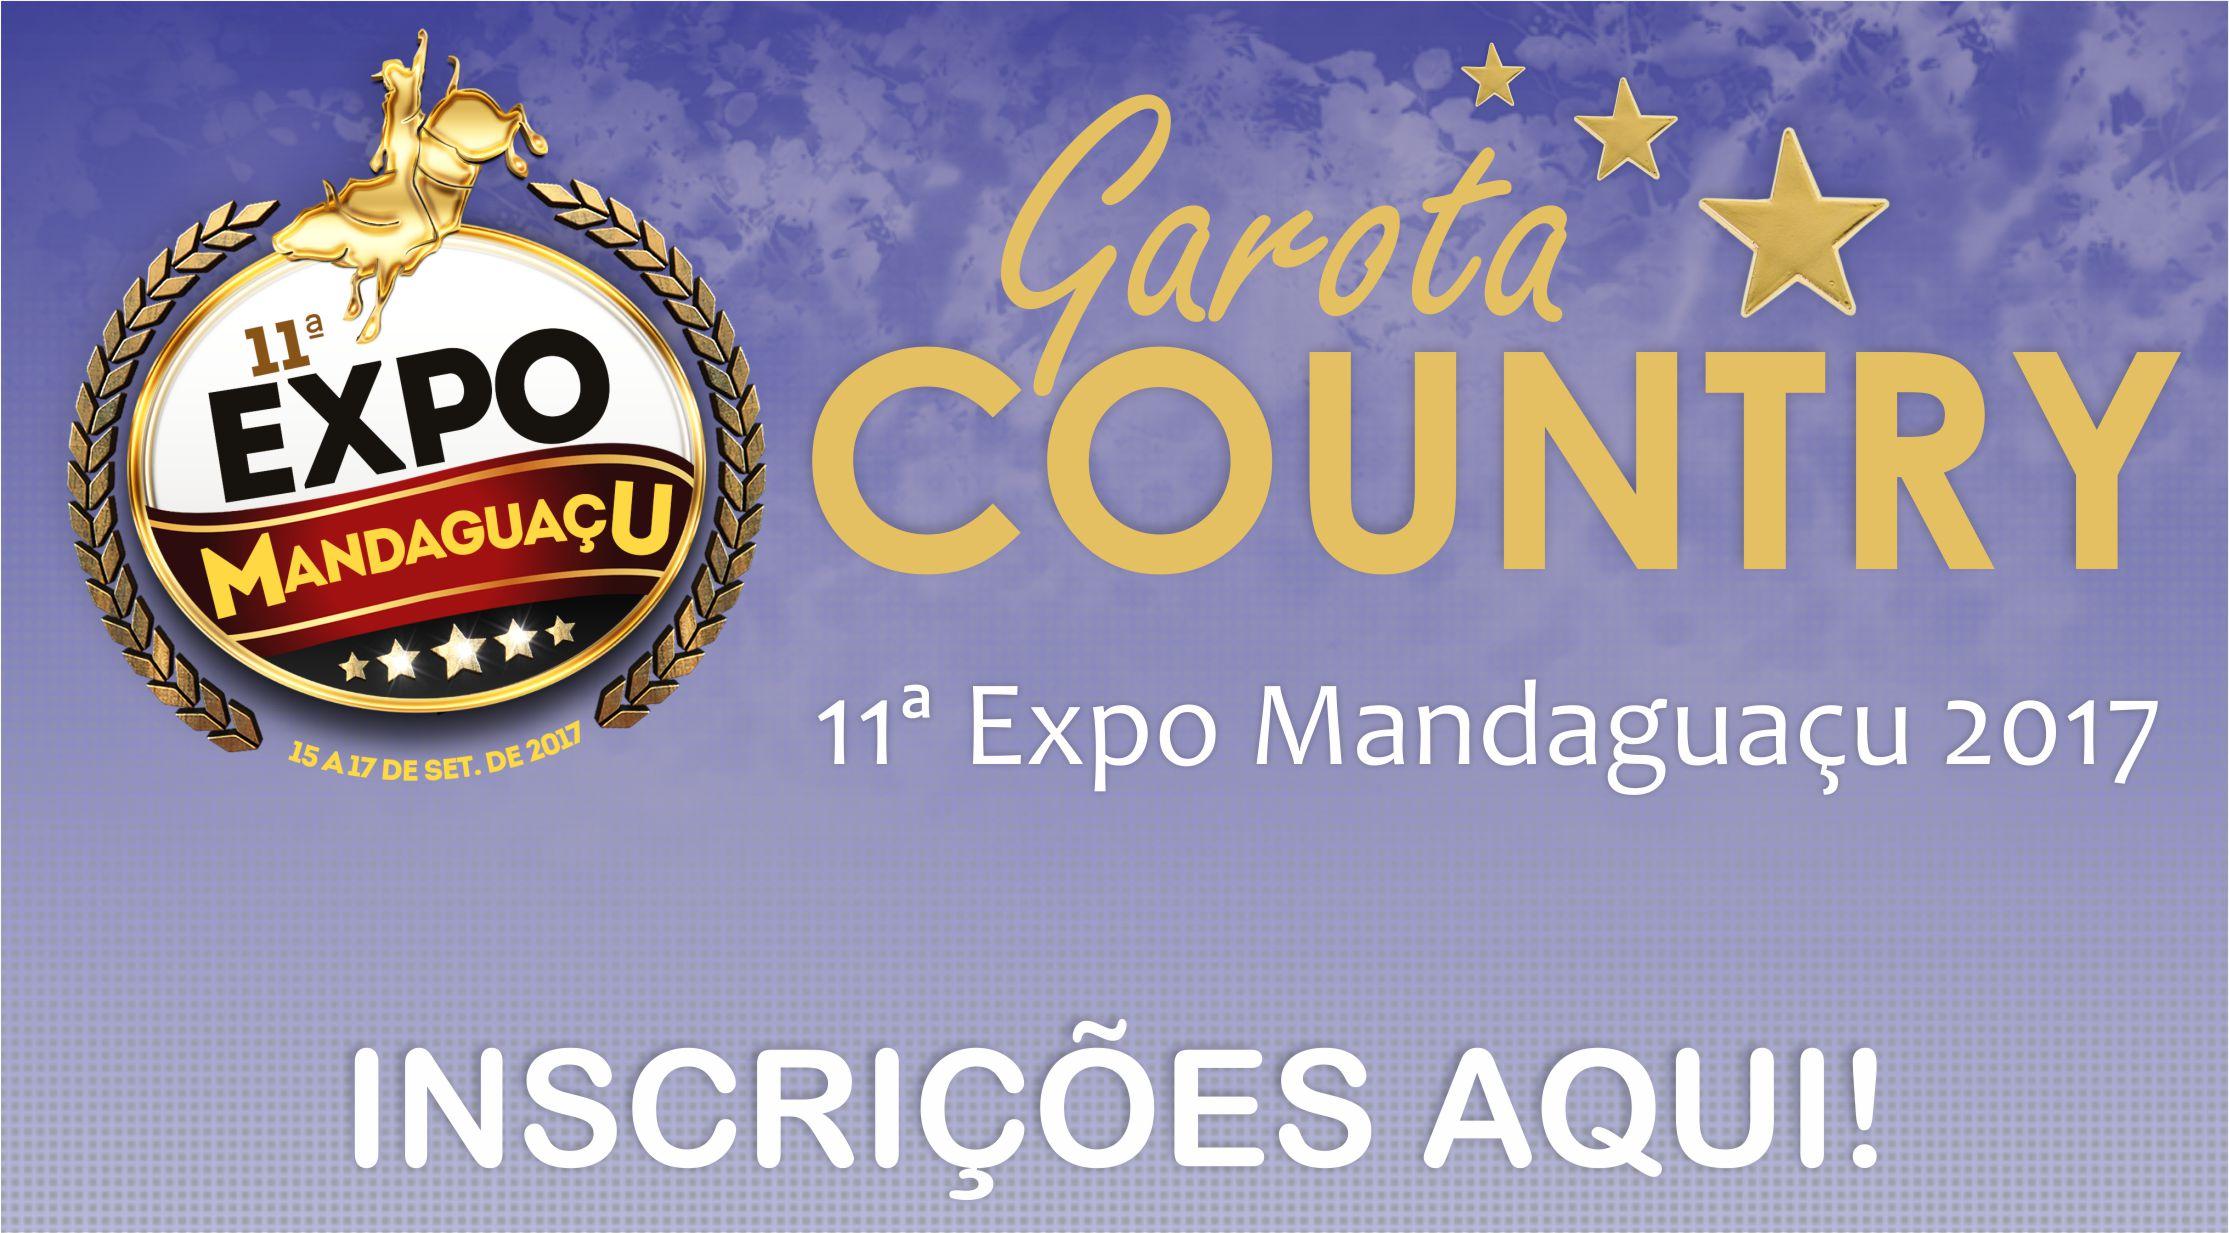 CONCURSO GAROTA CONTRY - 11ª EXPO MANDAGUAÇU 2017